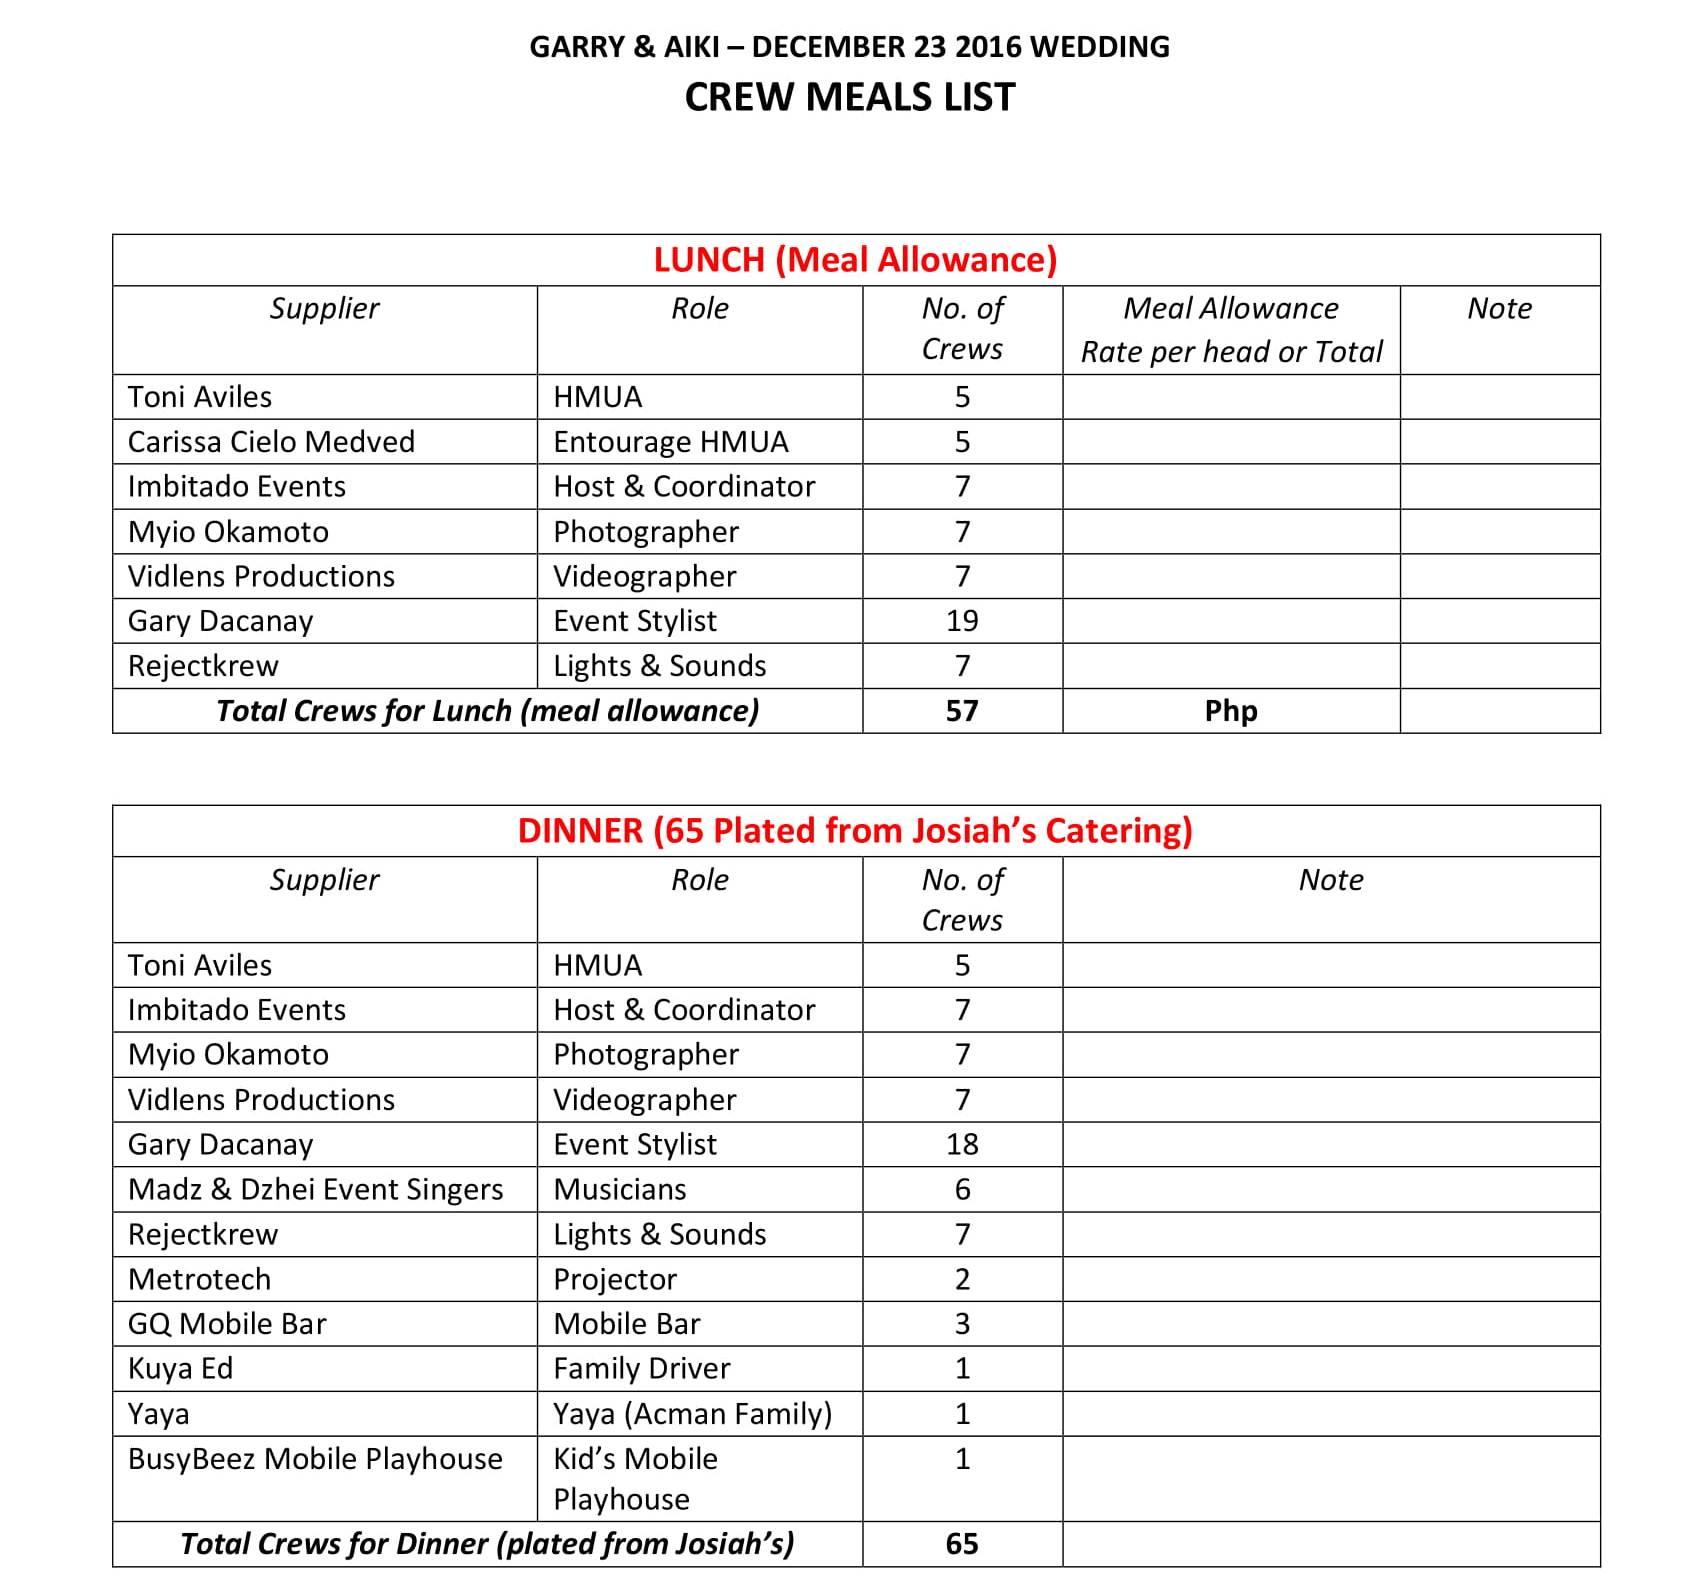 GA Crew Meals List